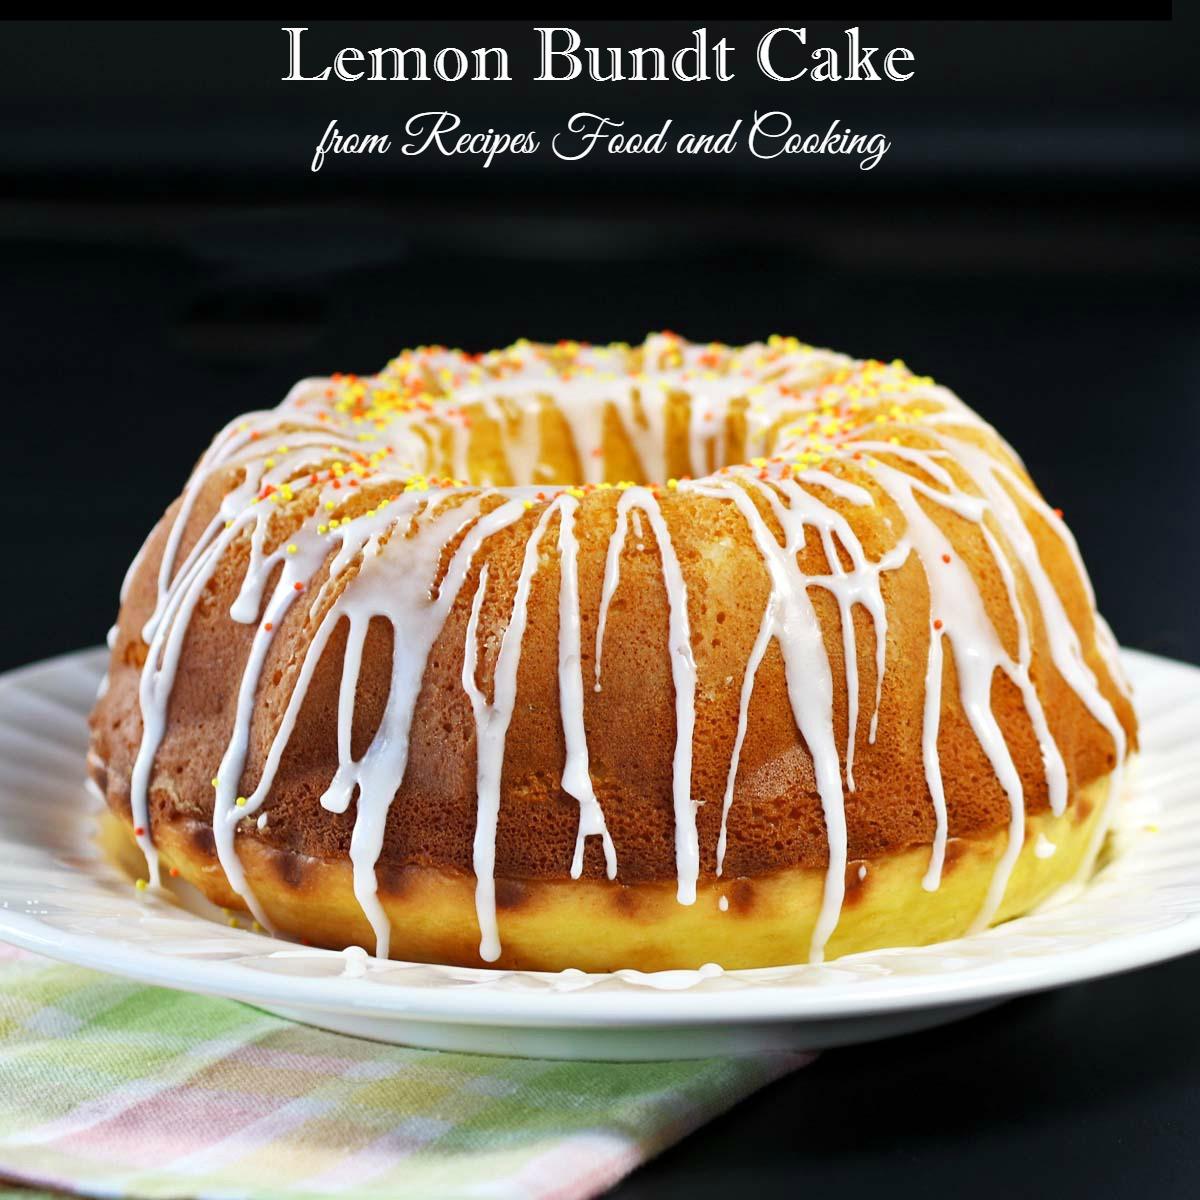 Lemon Bundt Cake  Lemon Bundt Cake BundtBakers Recipes Food and Cooking